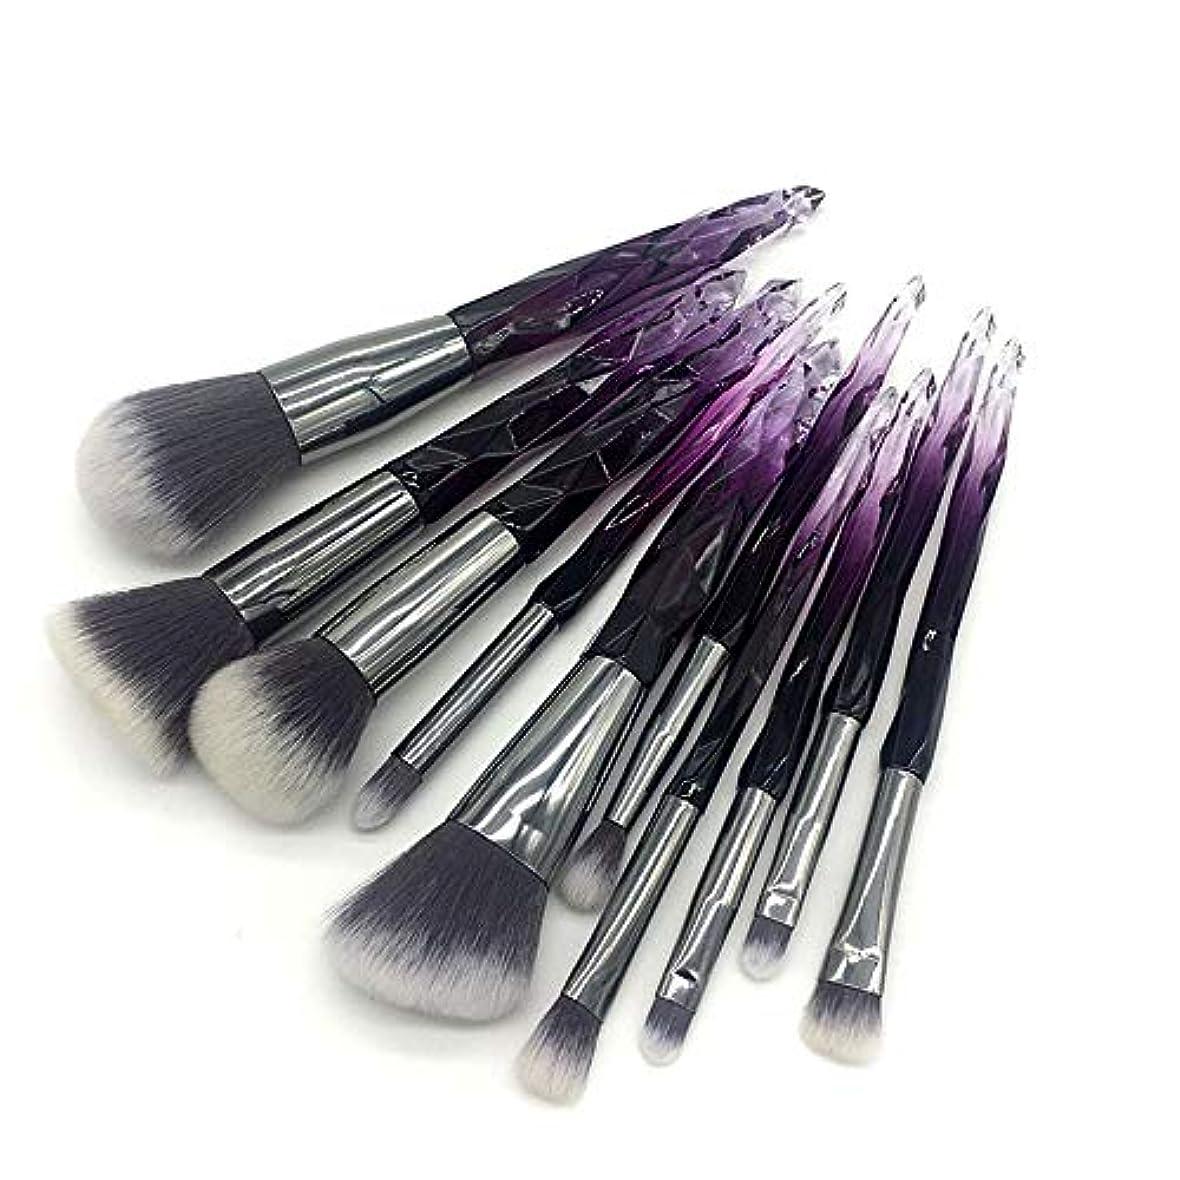 バインド記念碑うつCHANGYUXINTAI-HUAZHUANGSHUA 10化粧ブラシファンデーション、黒と白のブラシ高光沢輪郭ブラシ。 (Color : Black White Hair)